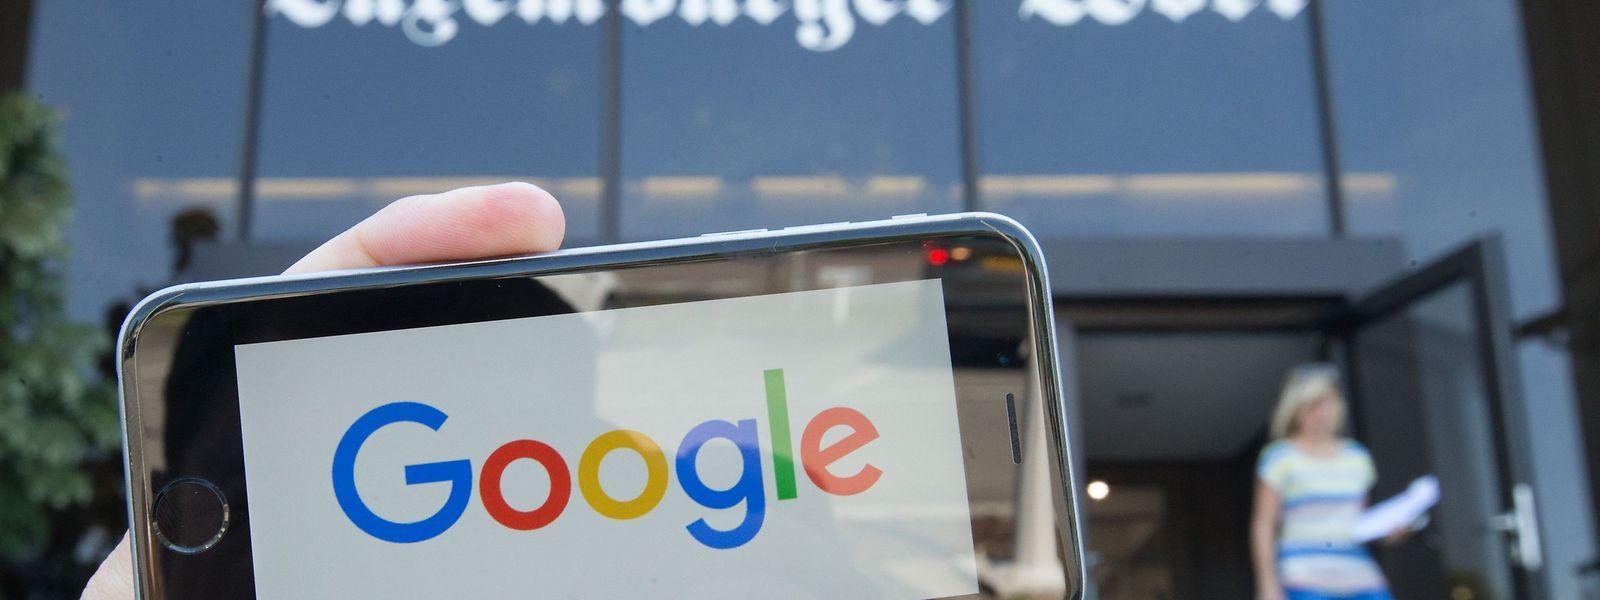 Der US-Technologiekonzern Google unterstützt den Verlag des Luxemburger Wort bei einem innovativen Vorhaben.